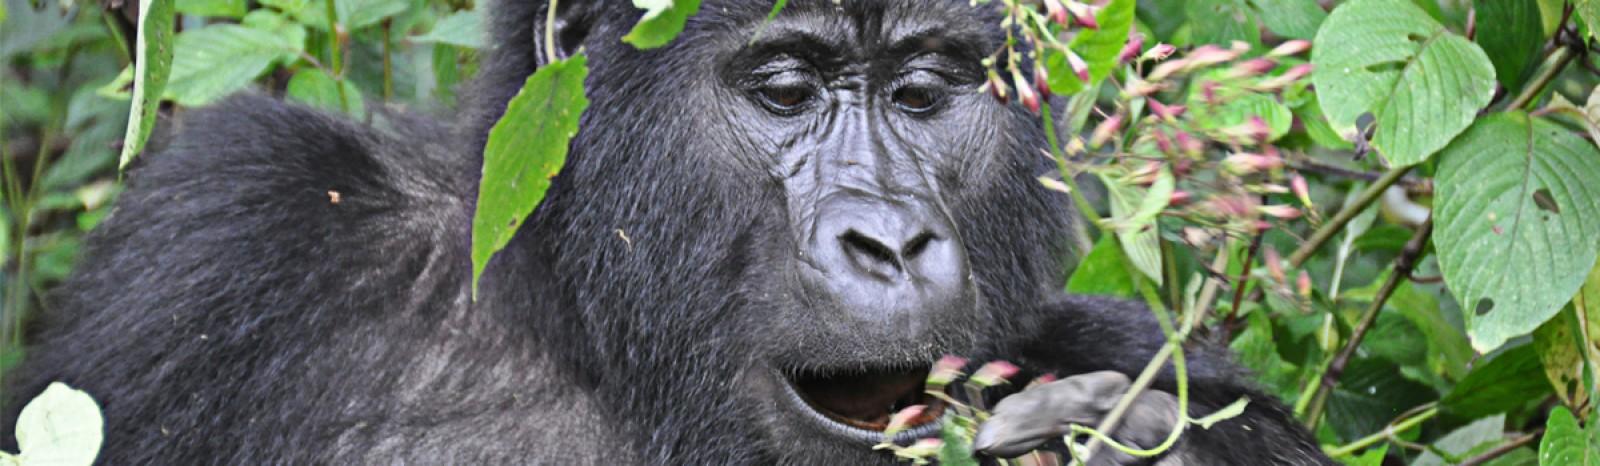 mountain-gorilla2